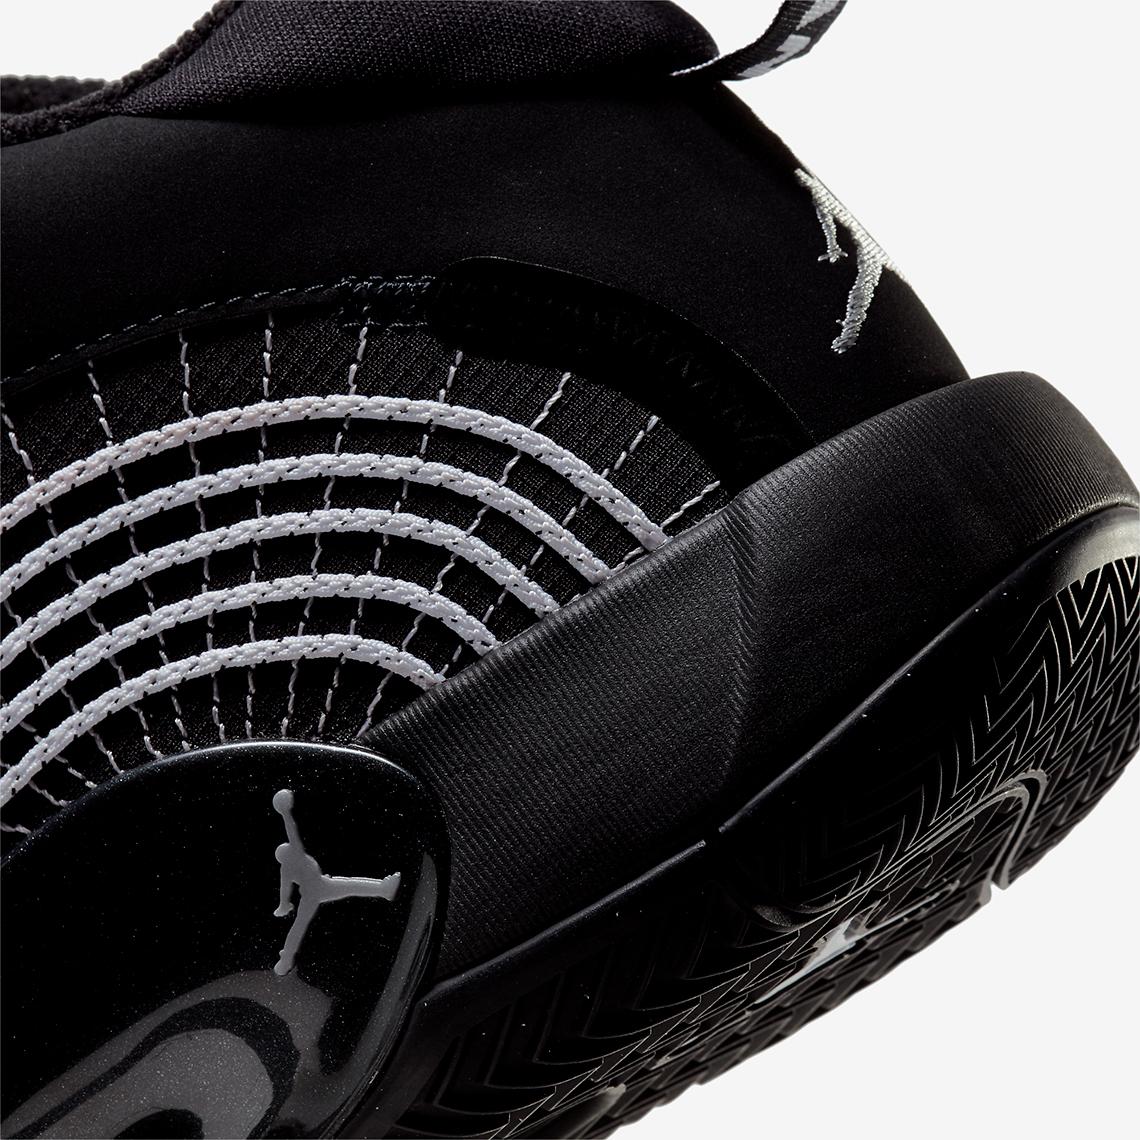 Nike Air Jordan 35 ナイキ エアジョーダン35 CQ4021-001 heel